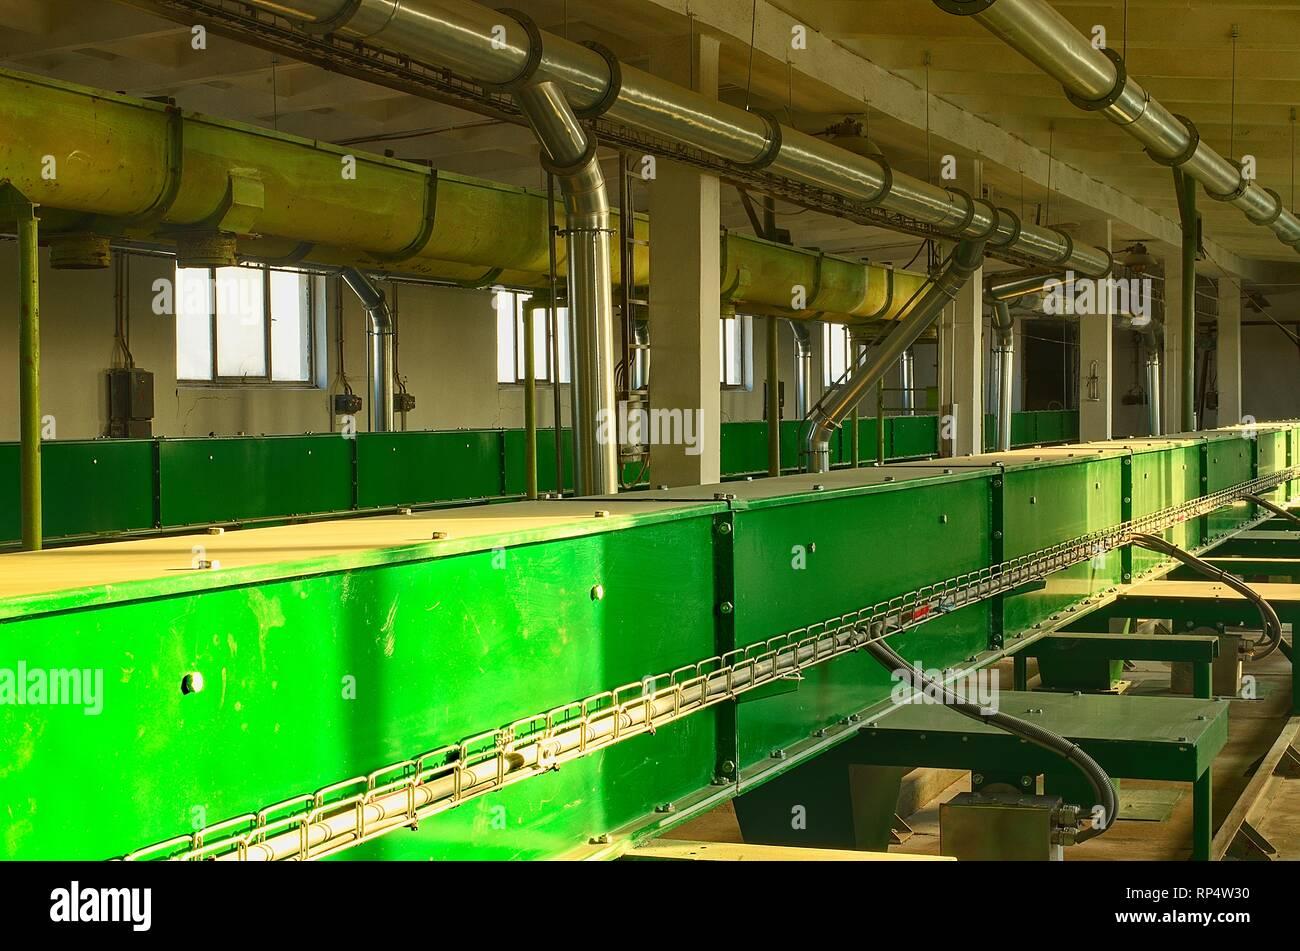 Factory interior  Conveyor crops  Chain conveyor grain